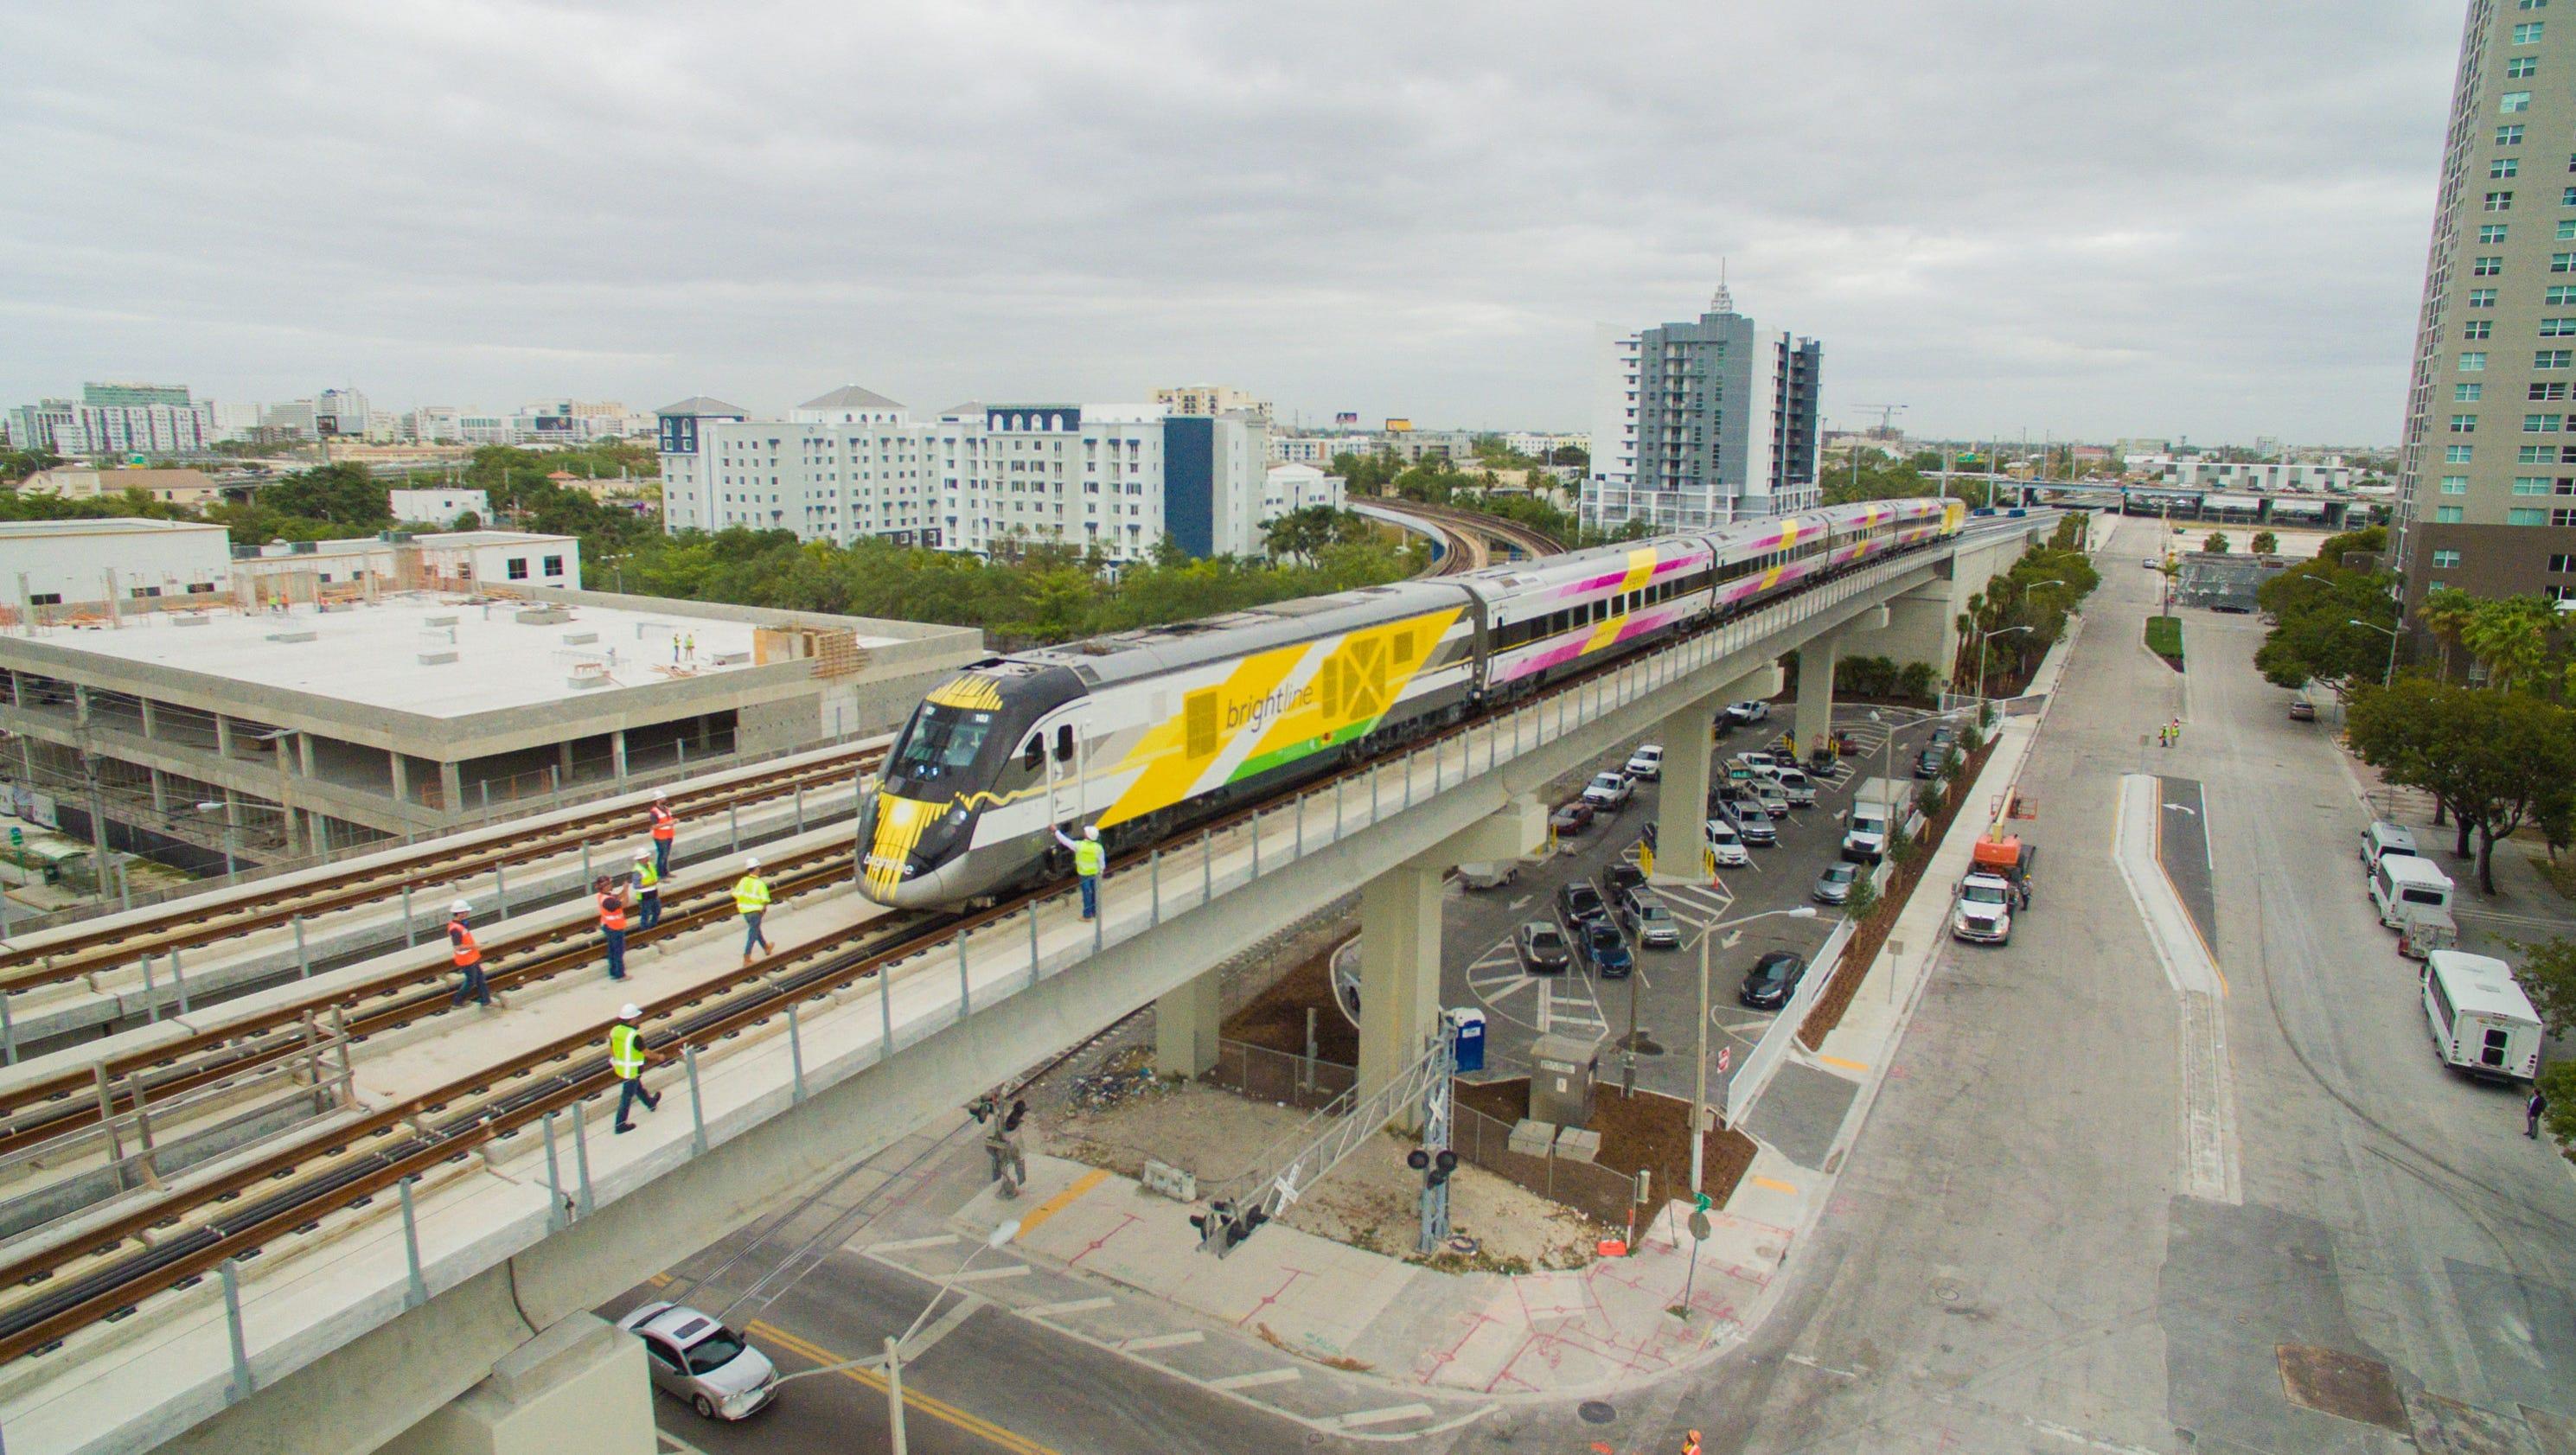 Amtrak To Miami Beach